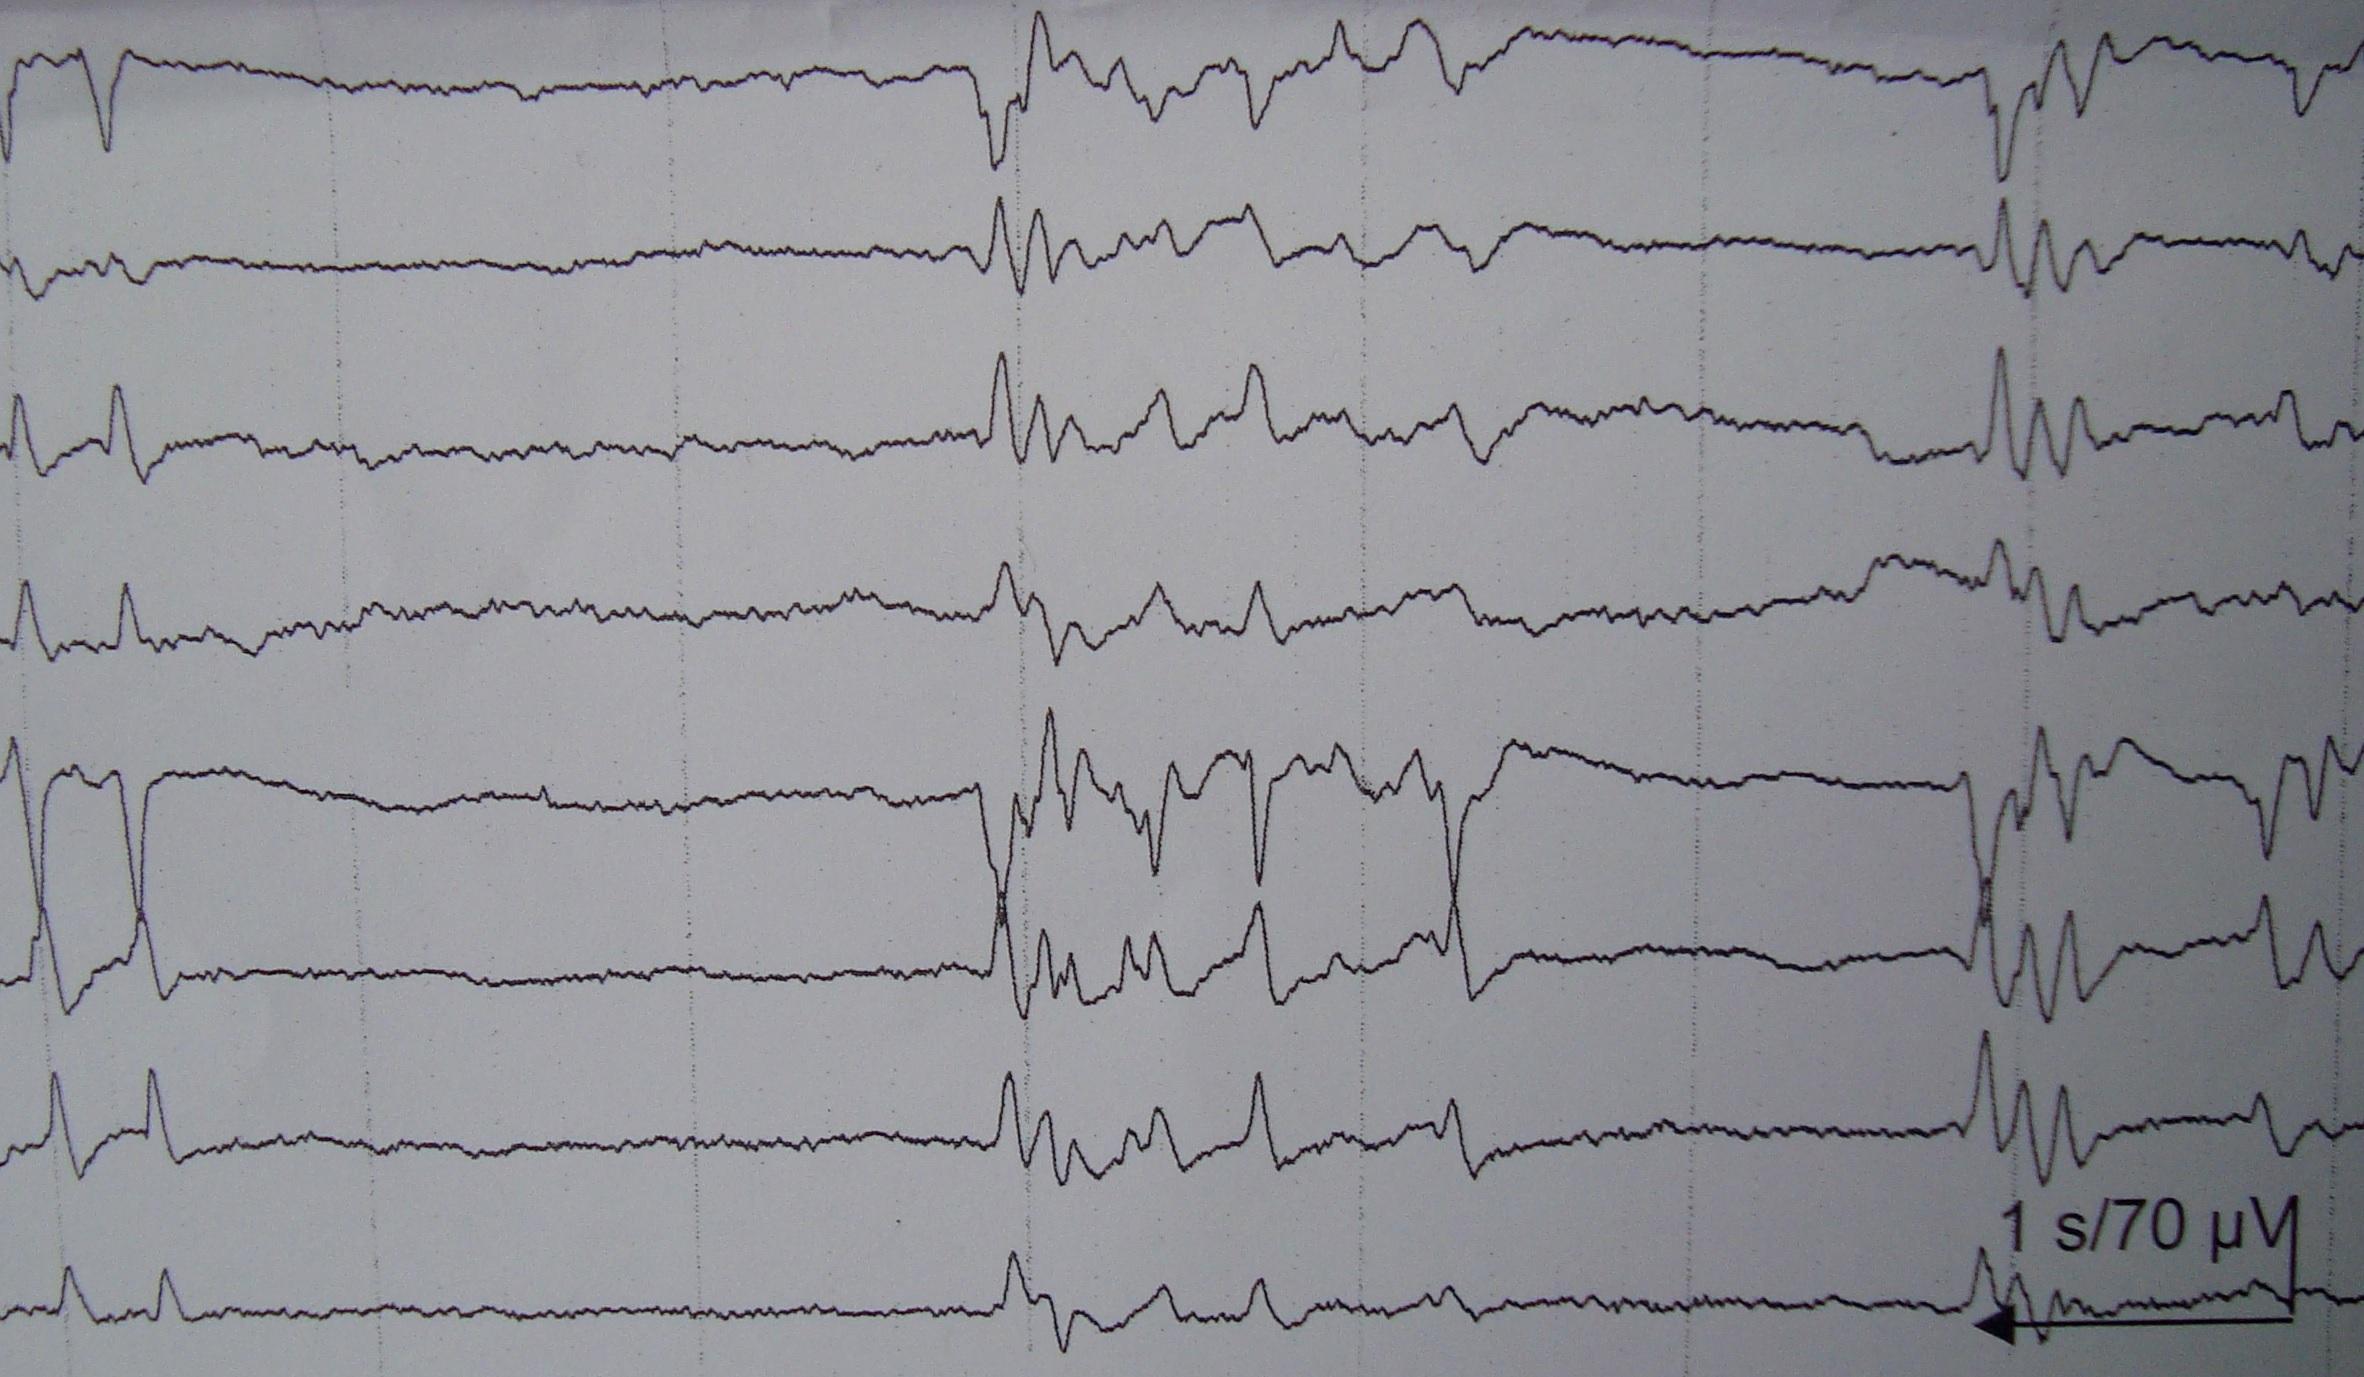 Ηλεκτροεγκεφαλογράφημα